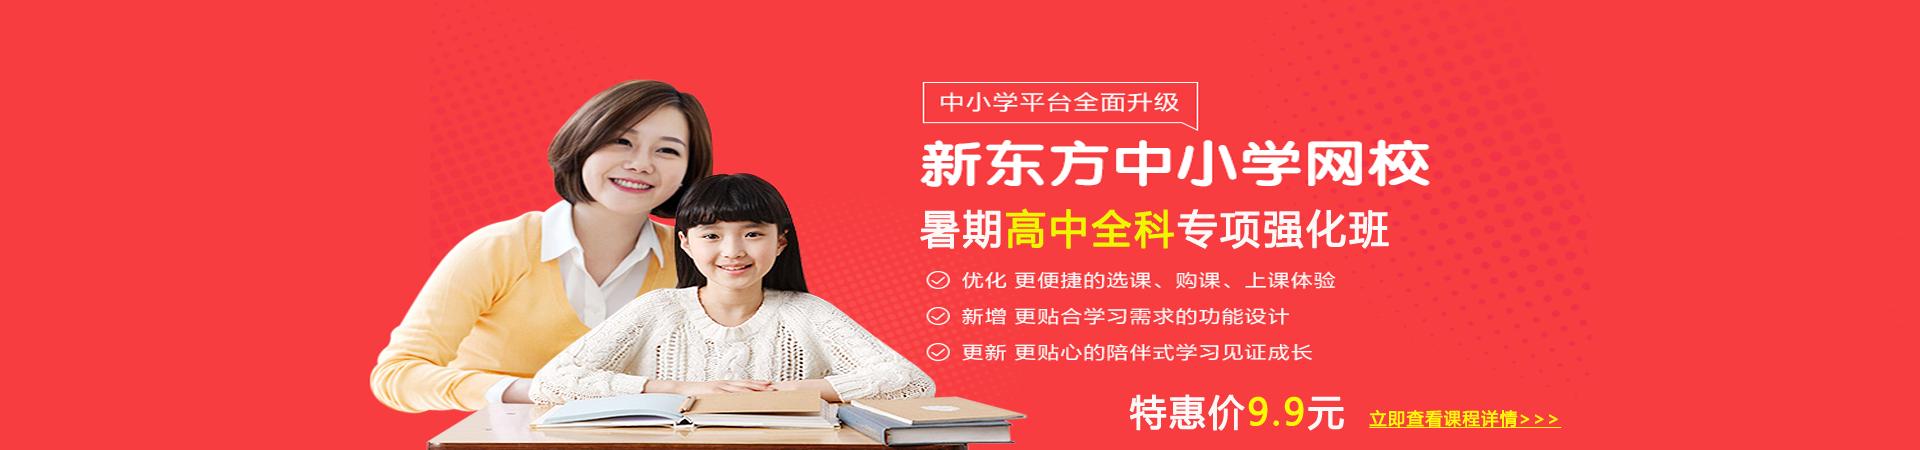 高中数学视频教学新东方